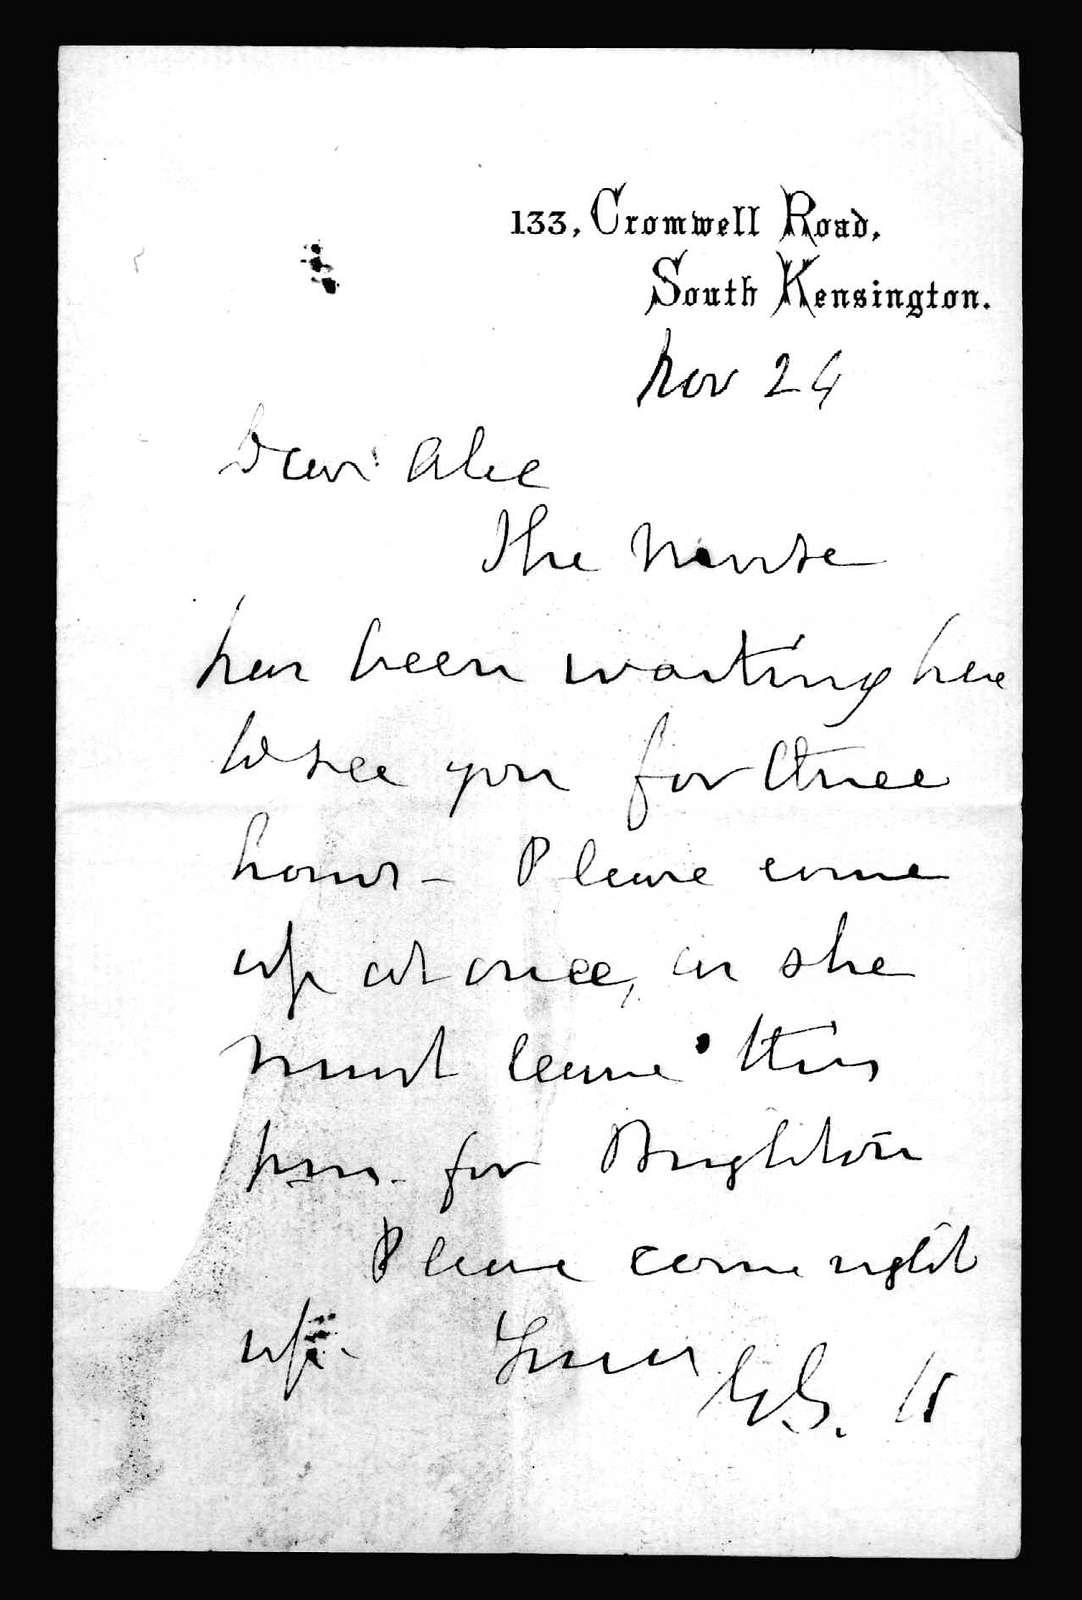 Letter from Gardiner Greene Hubbard to Alexander Graham Bell, November 24